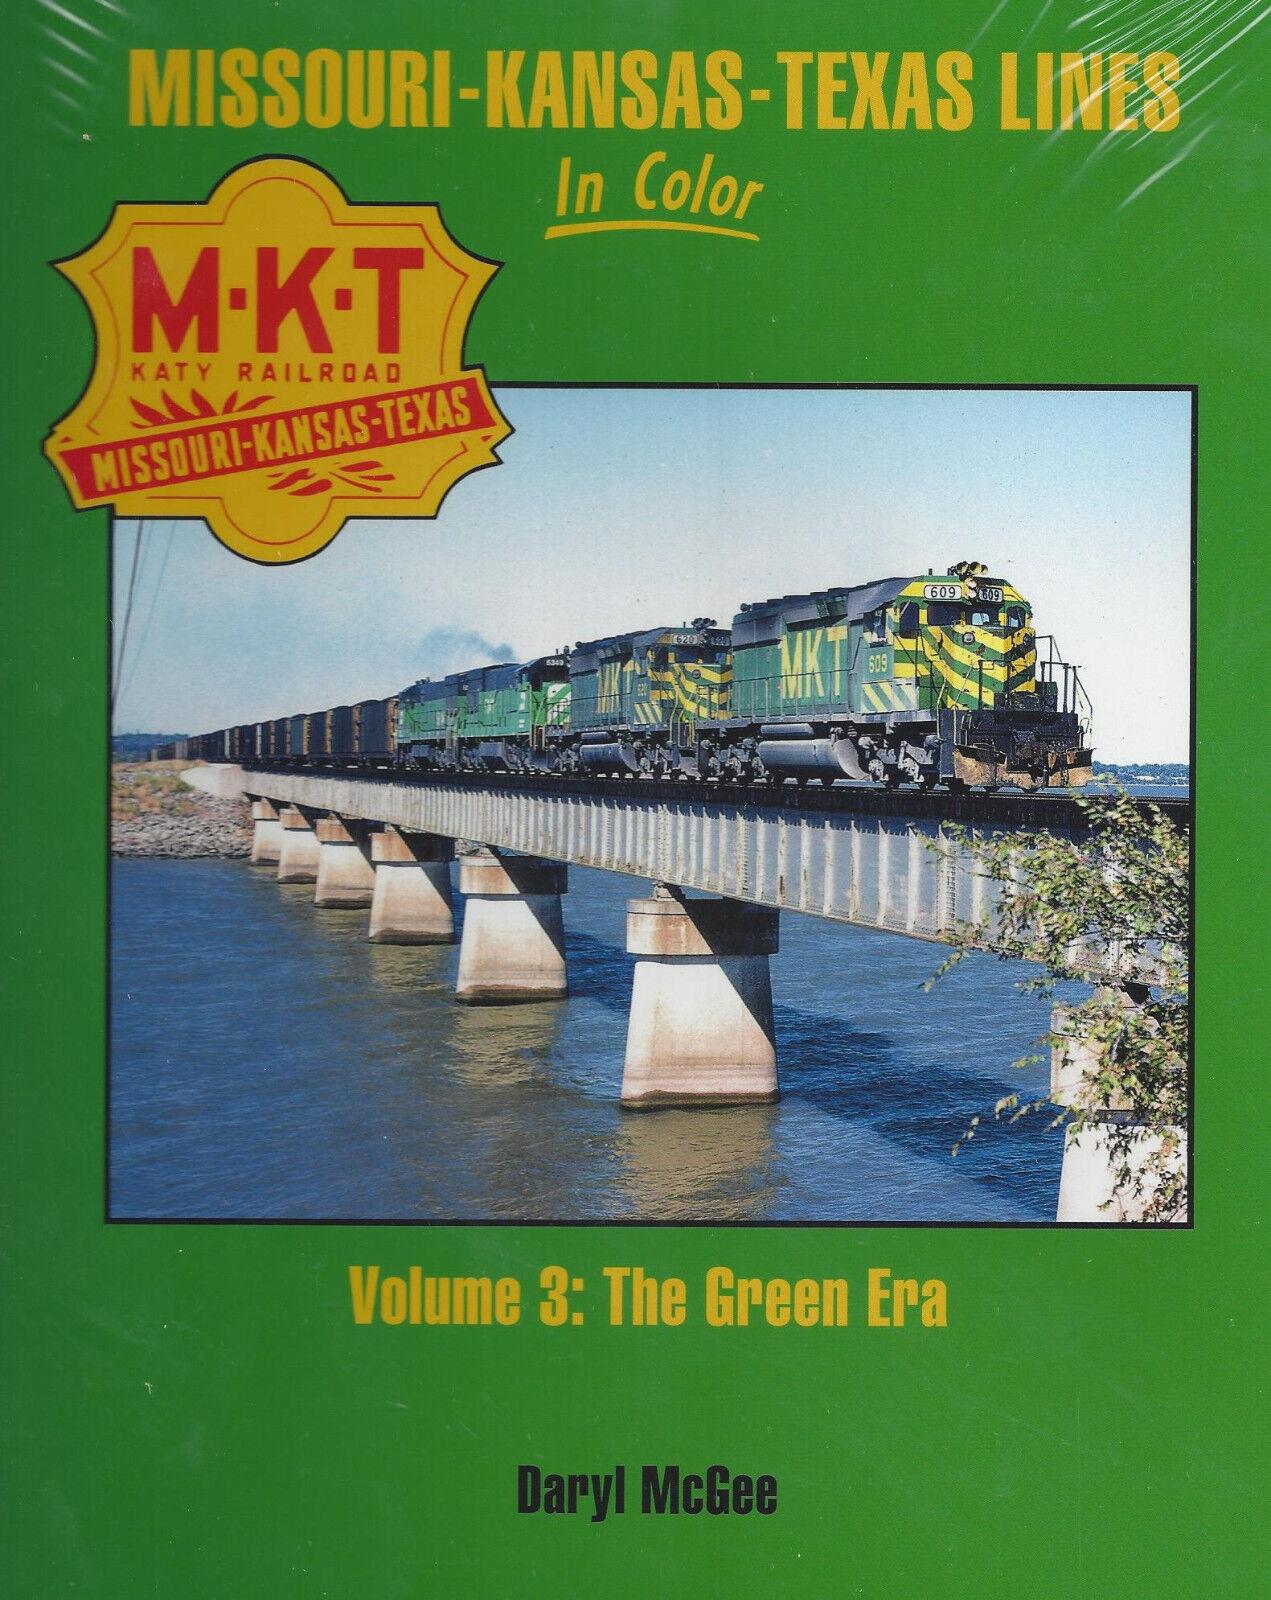 M-K-T : Missouri-Kansas-Texas Fili in Colore, Vol. 3: il Verde Era  Nuovo Libro